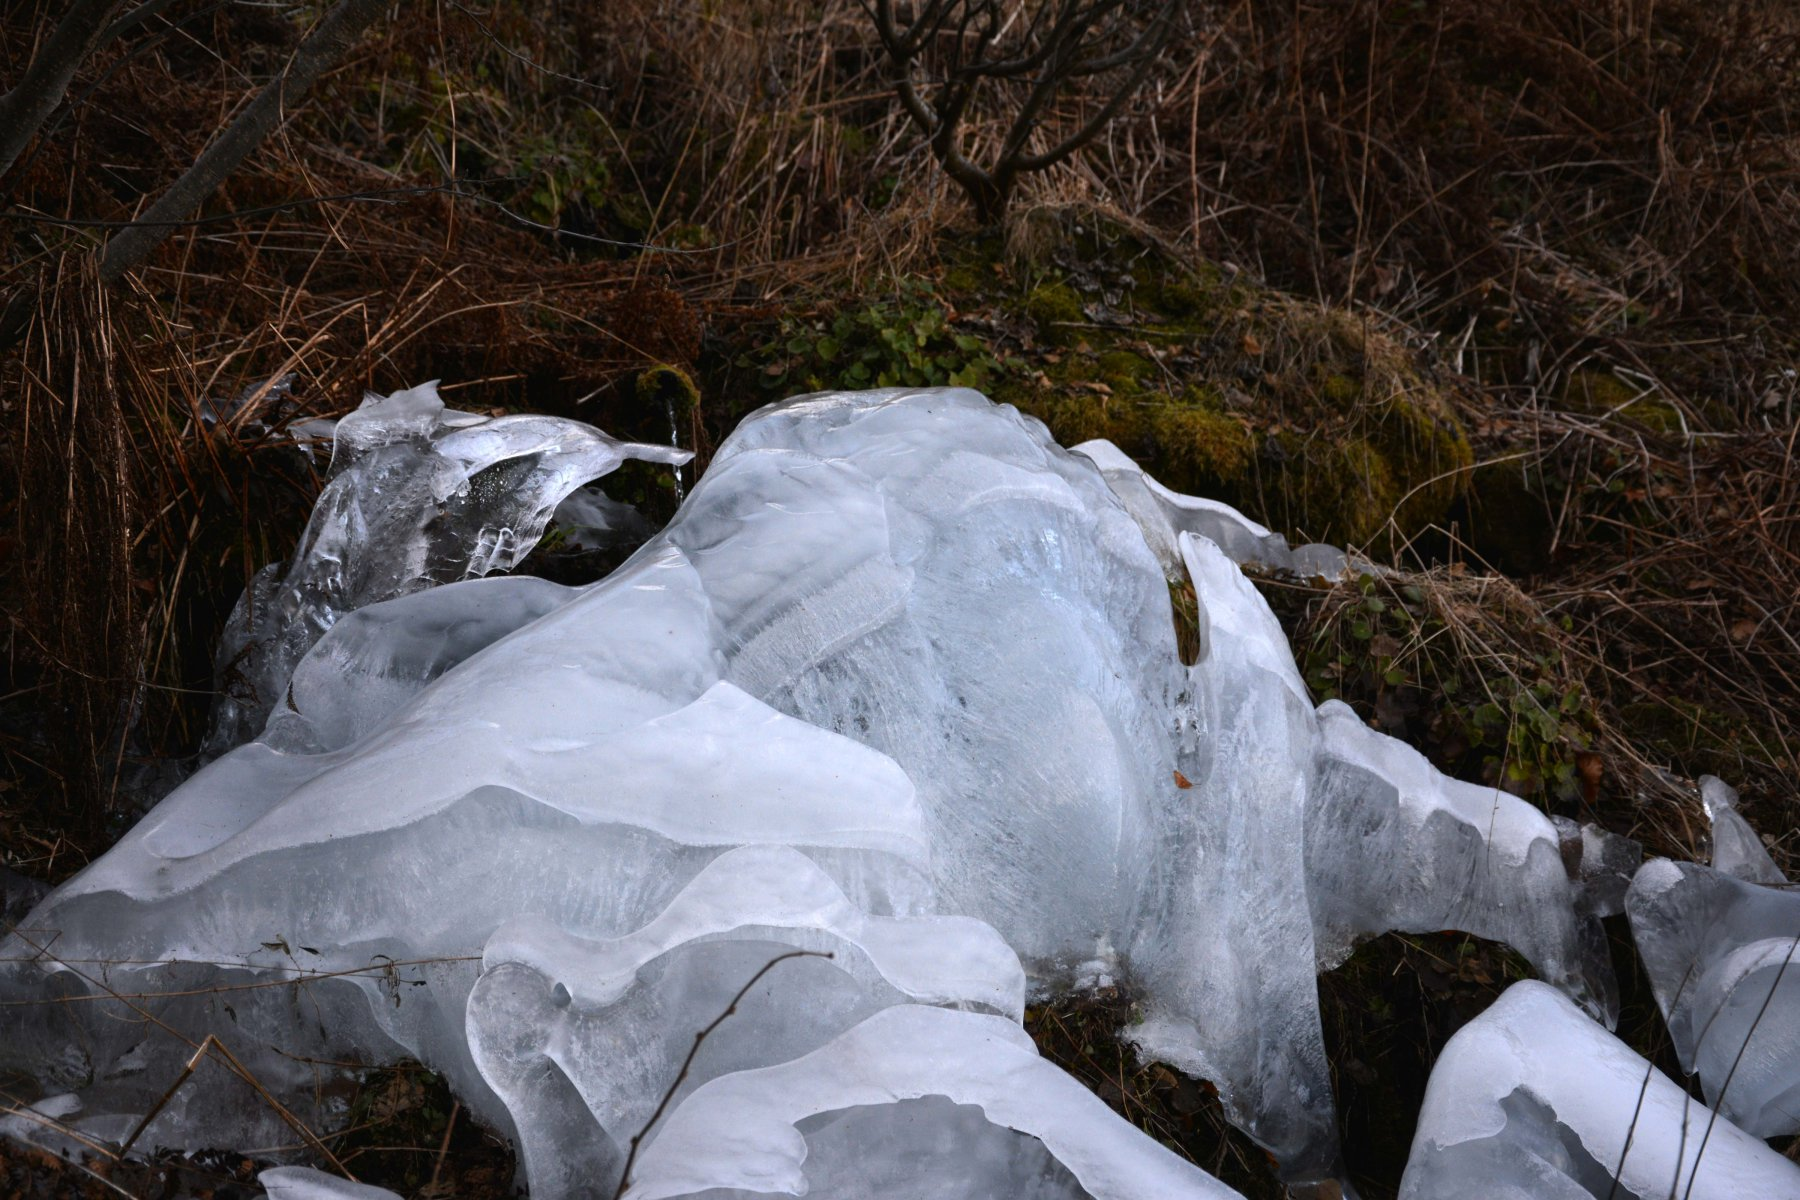 formazioni di ghiaccio attorno a una fontana